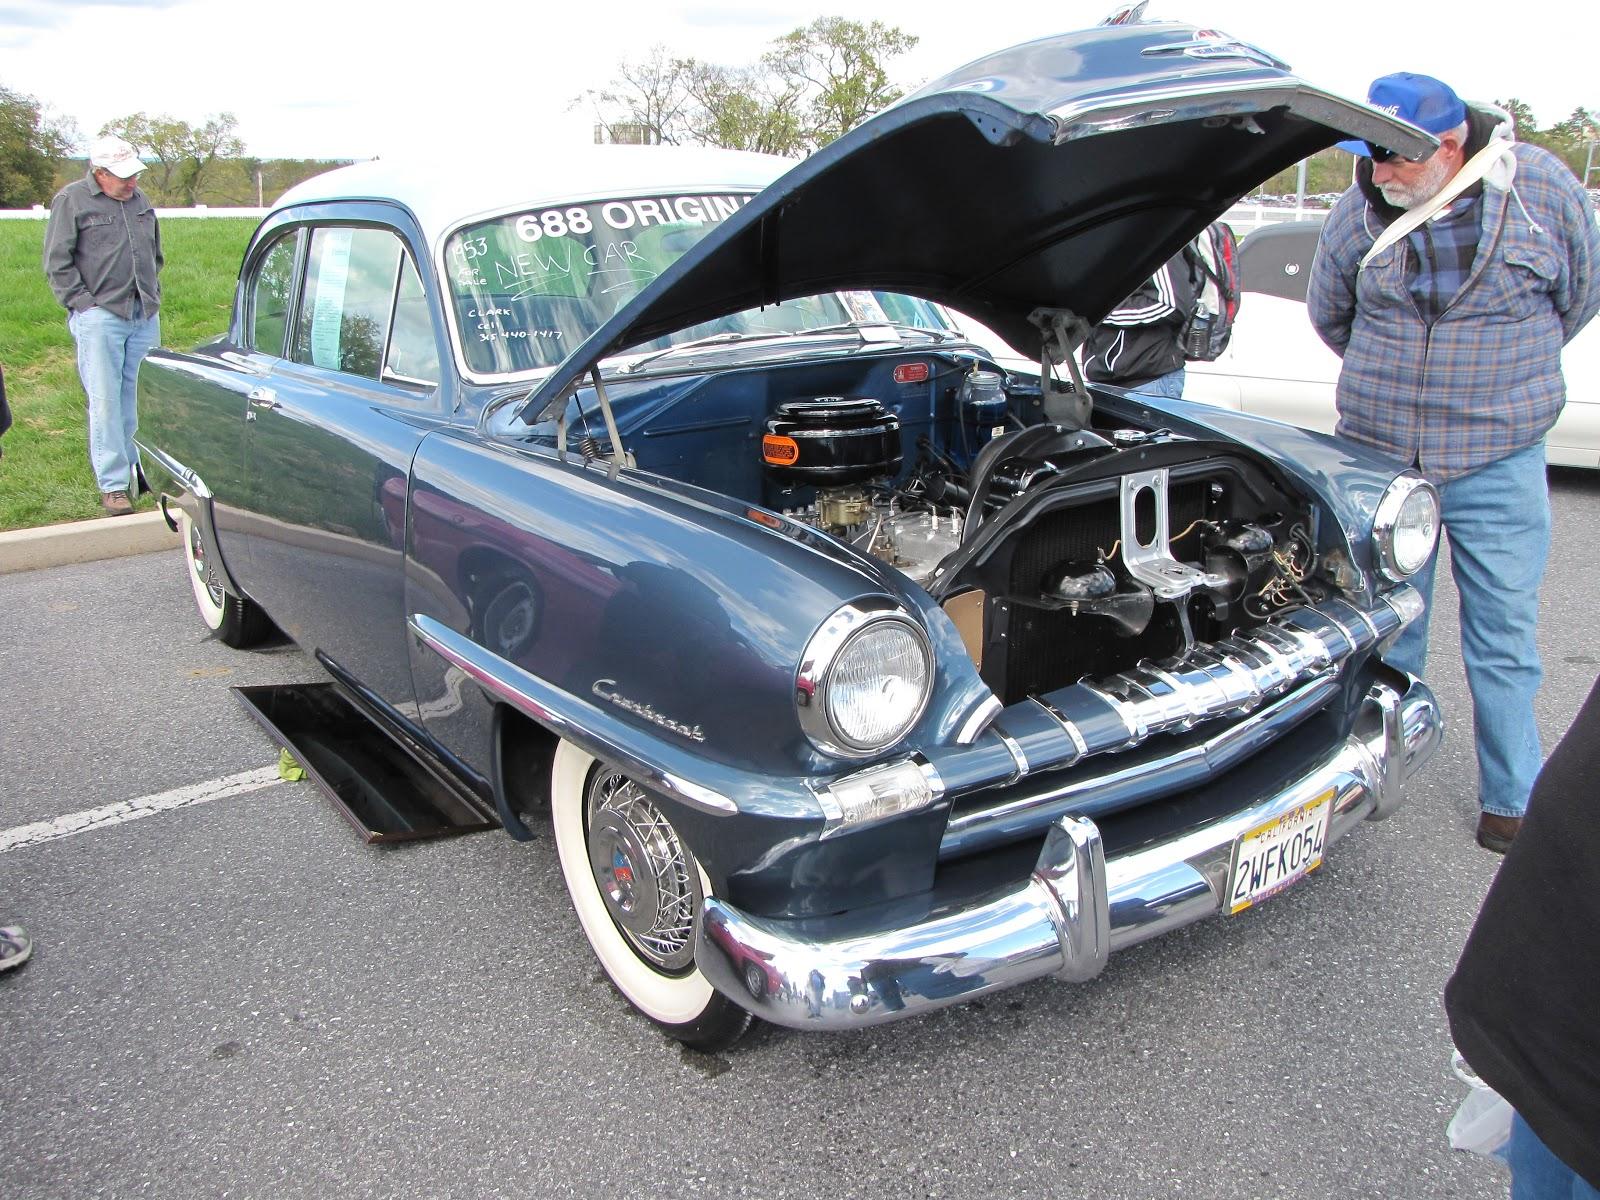 AACA Hershey Fall Meet - Hershey antique car show